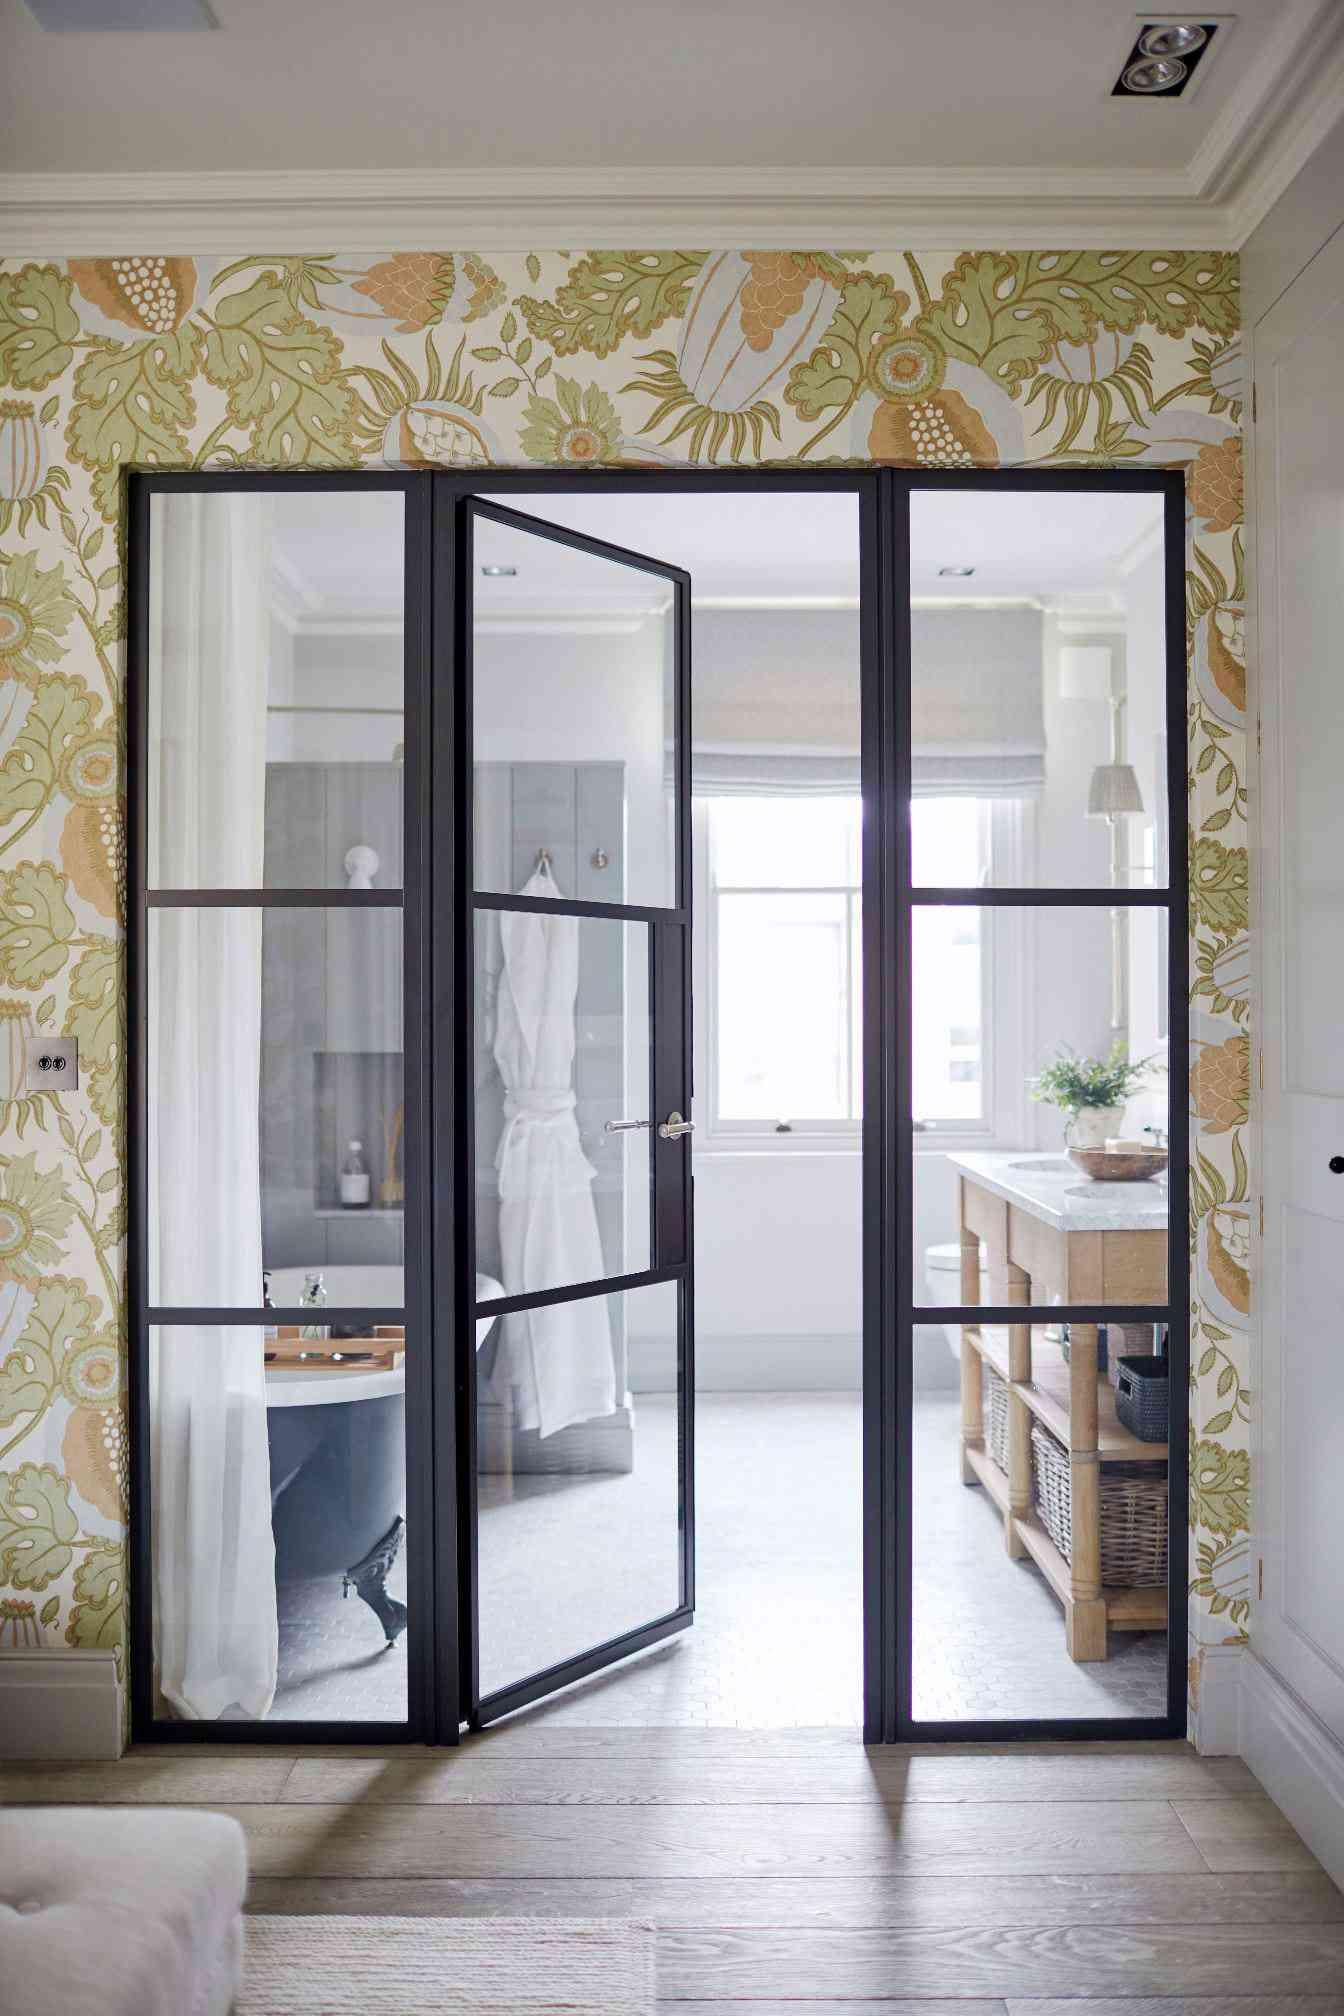 View into en suite bathroom with Crittal doors